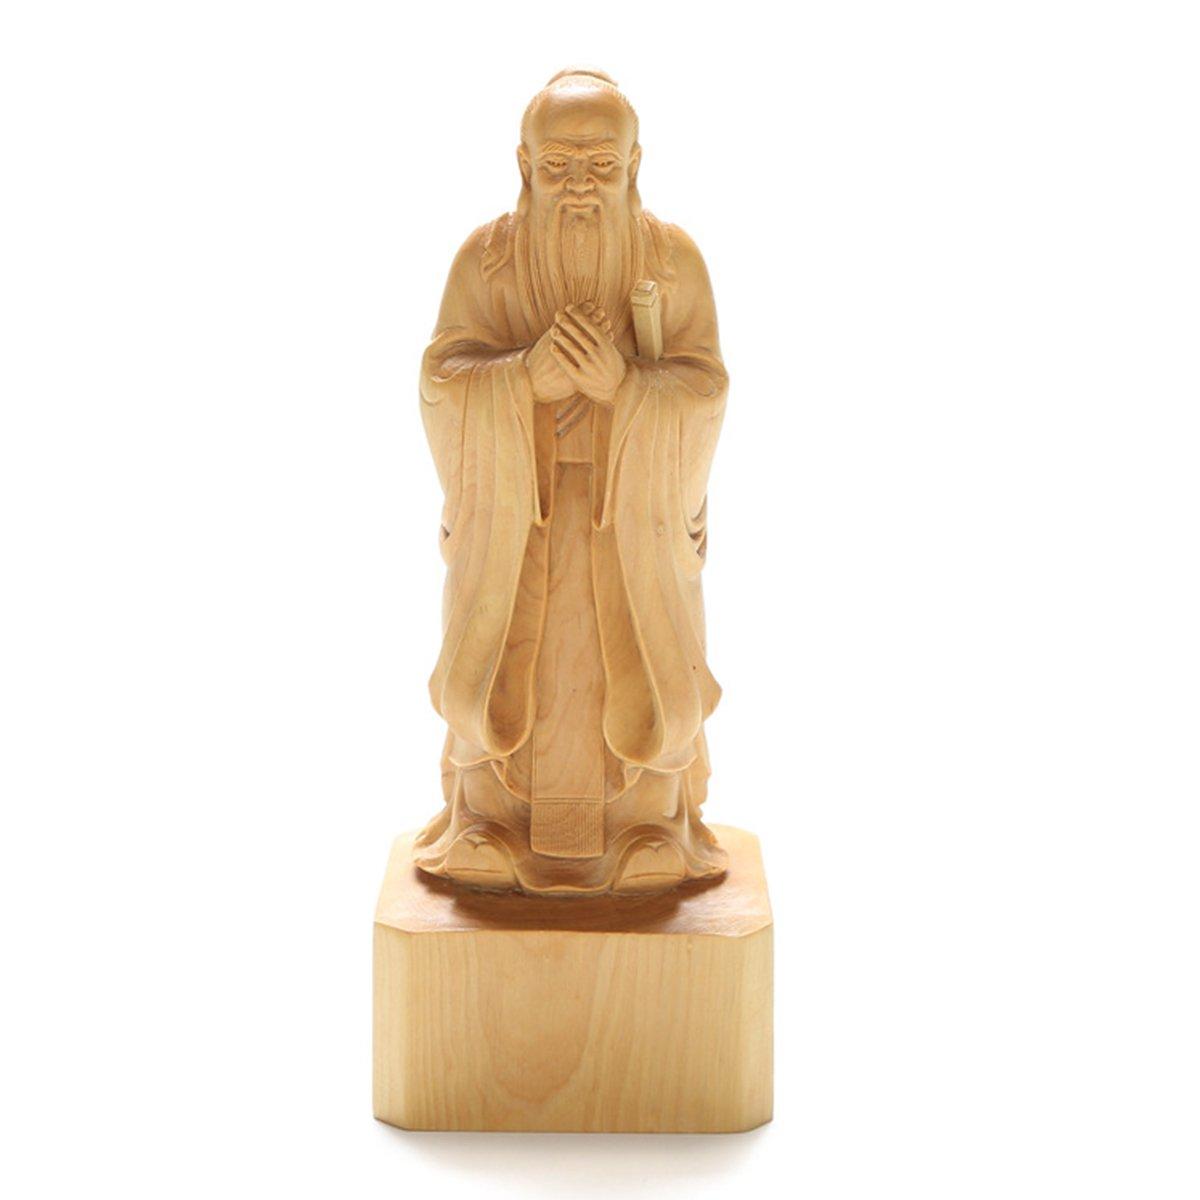 仏像 置物 木彫り 寿老人 七福神 手作り 木製彫刻 ツゲ B075NQ83Y9 Small Small